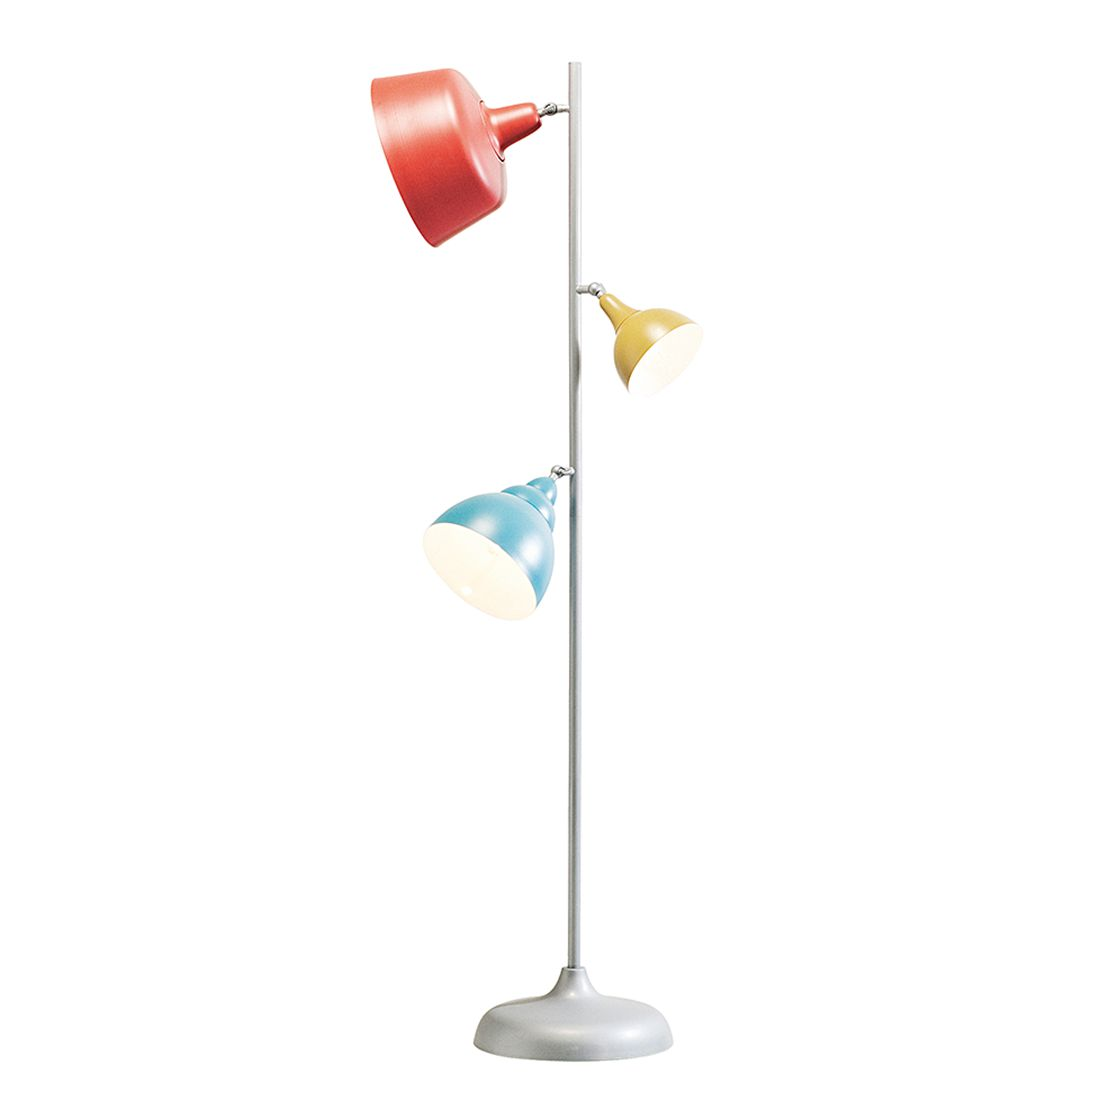 EEK A++, Stehleuchte Variety – Mehrfarbig, Kare Design kaufen